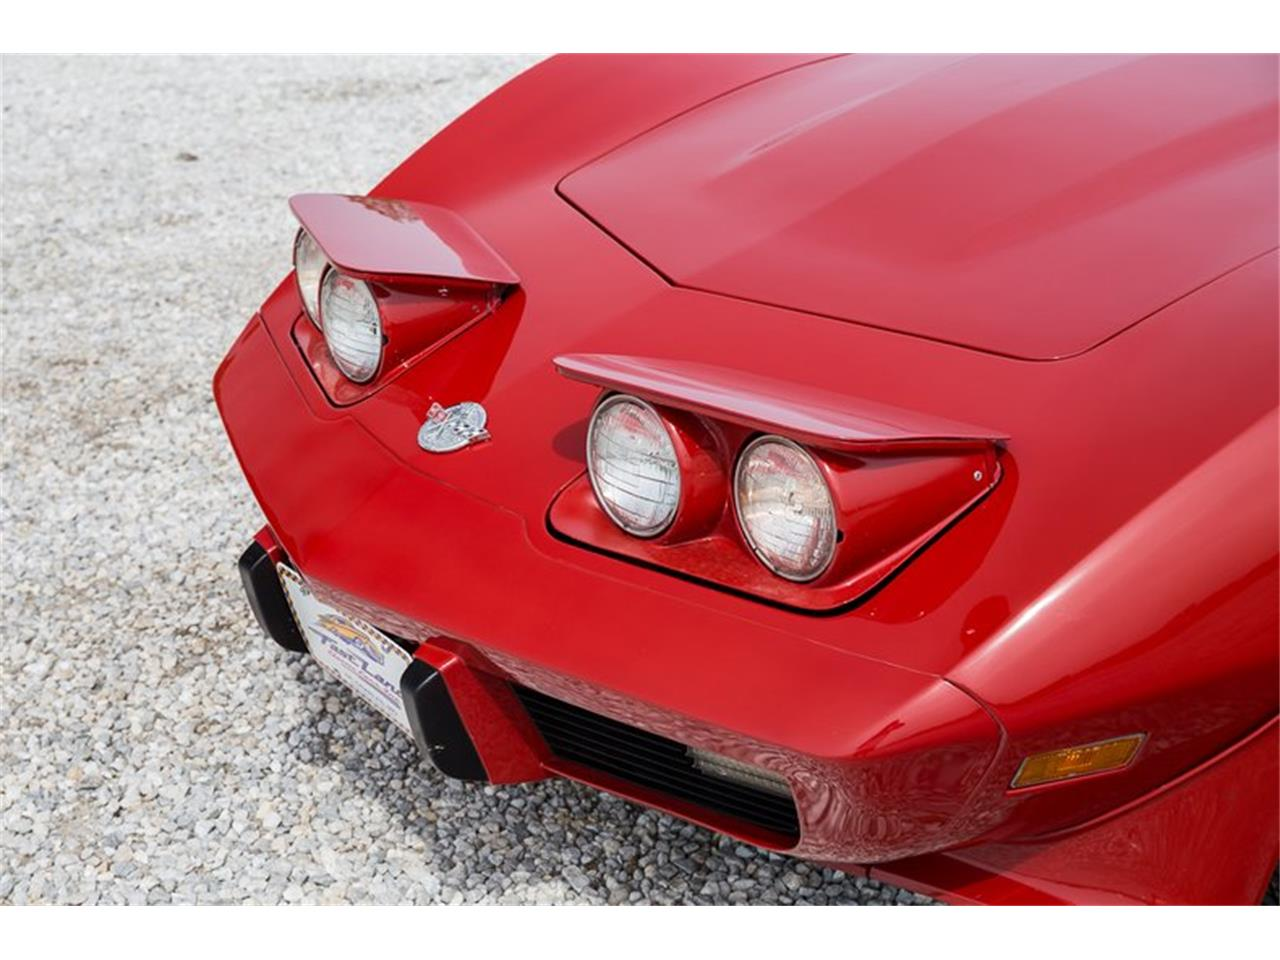 Large Picture of 1978 Chevrolet Corvette - $19,995.00 - EBGP